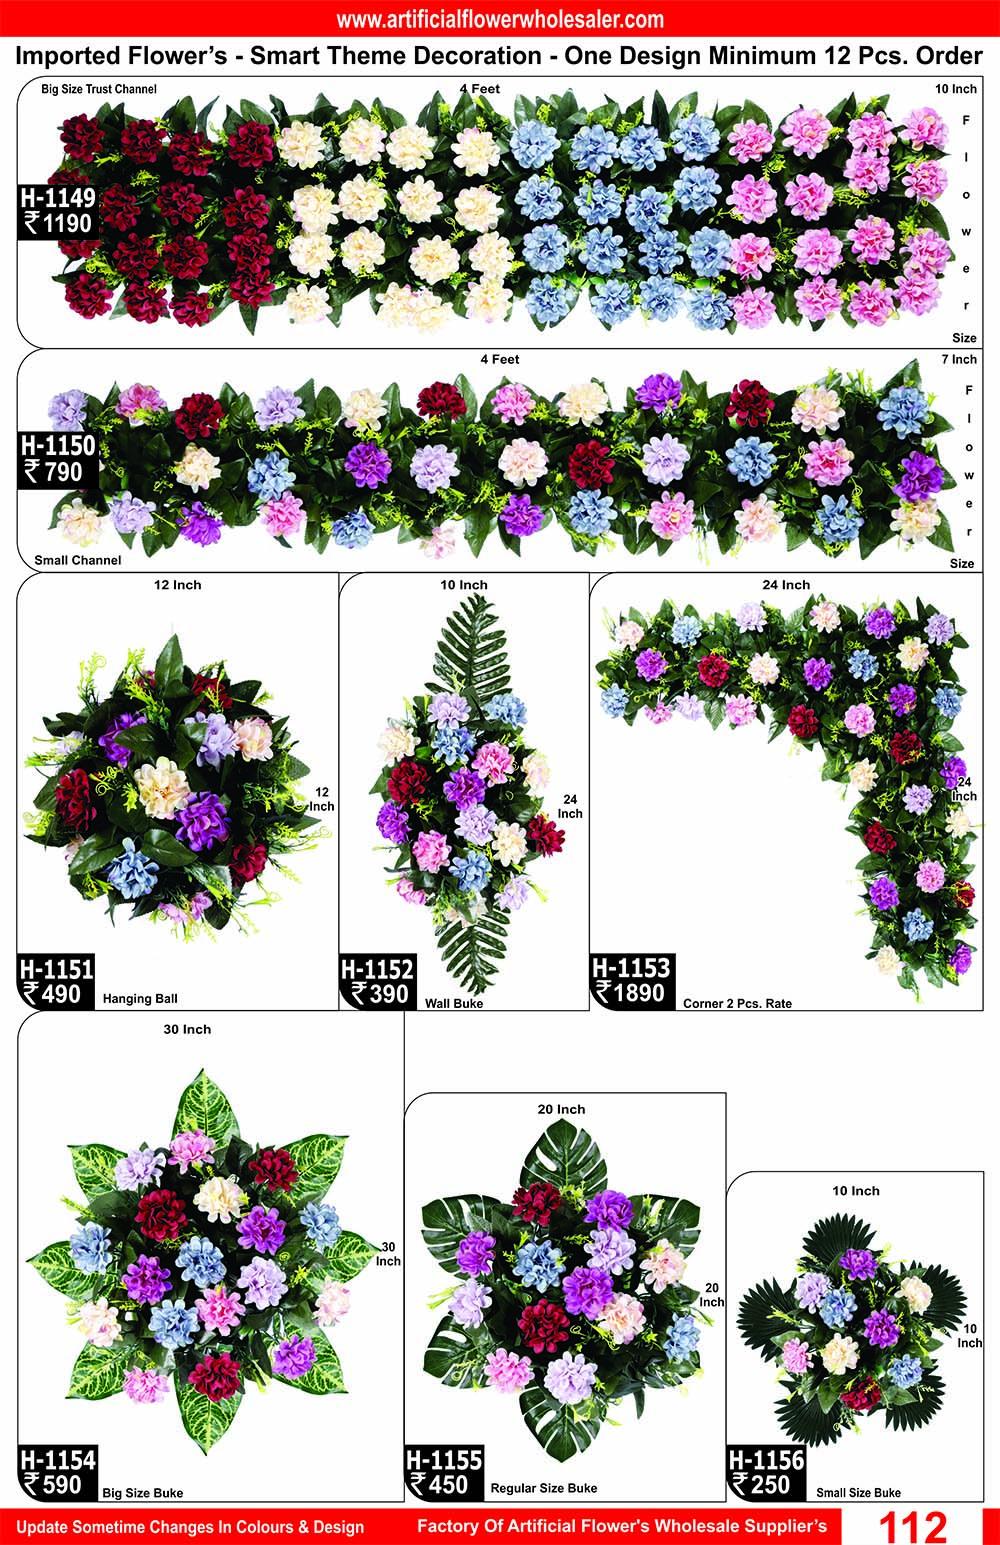 112-artificial-flower-wholesaler